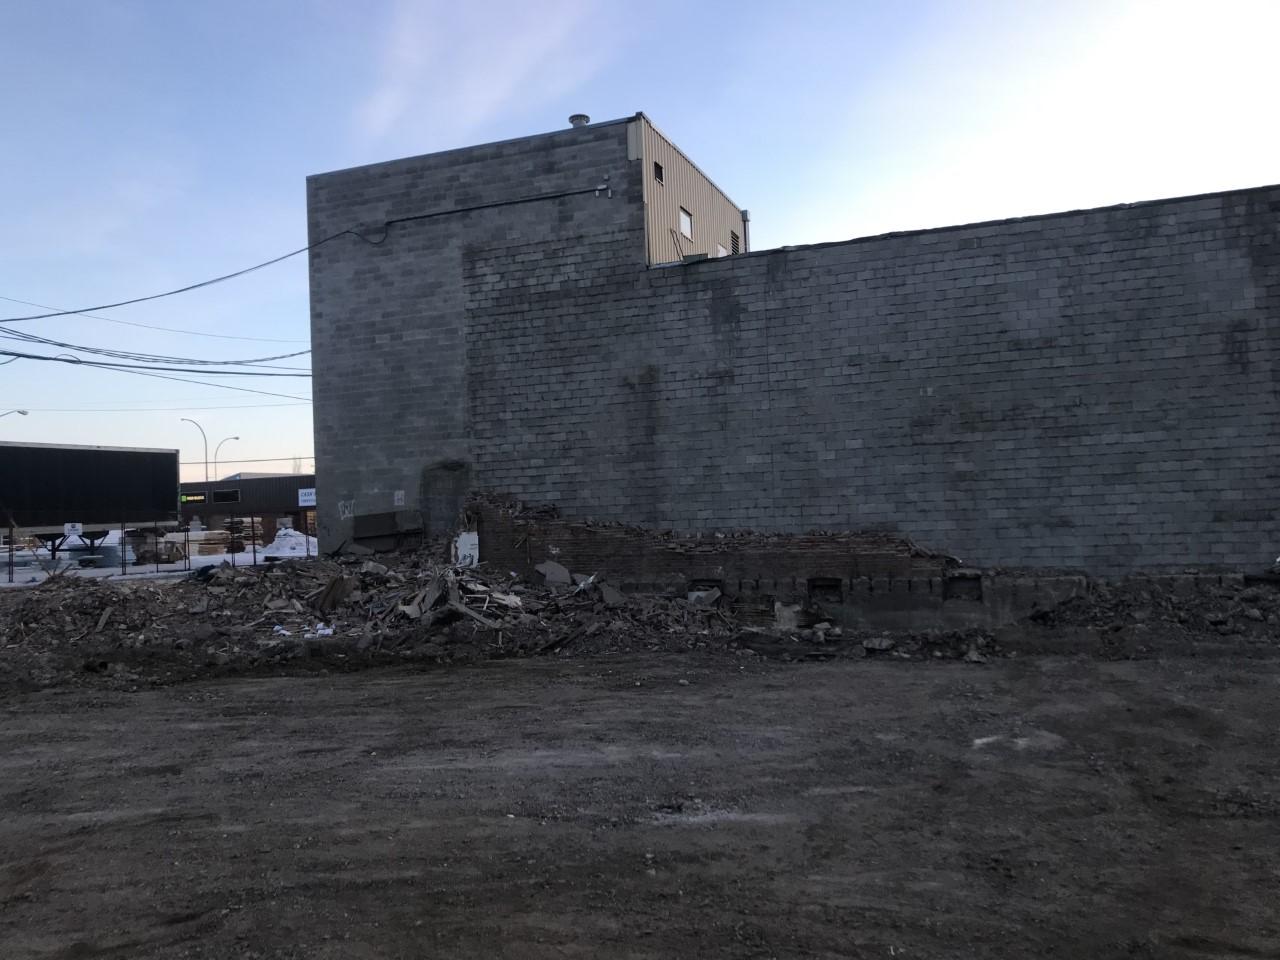 North Battleford SK – Steakhouse Building Demolition